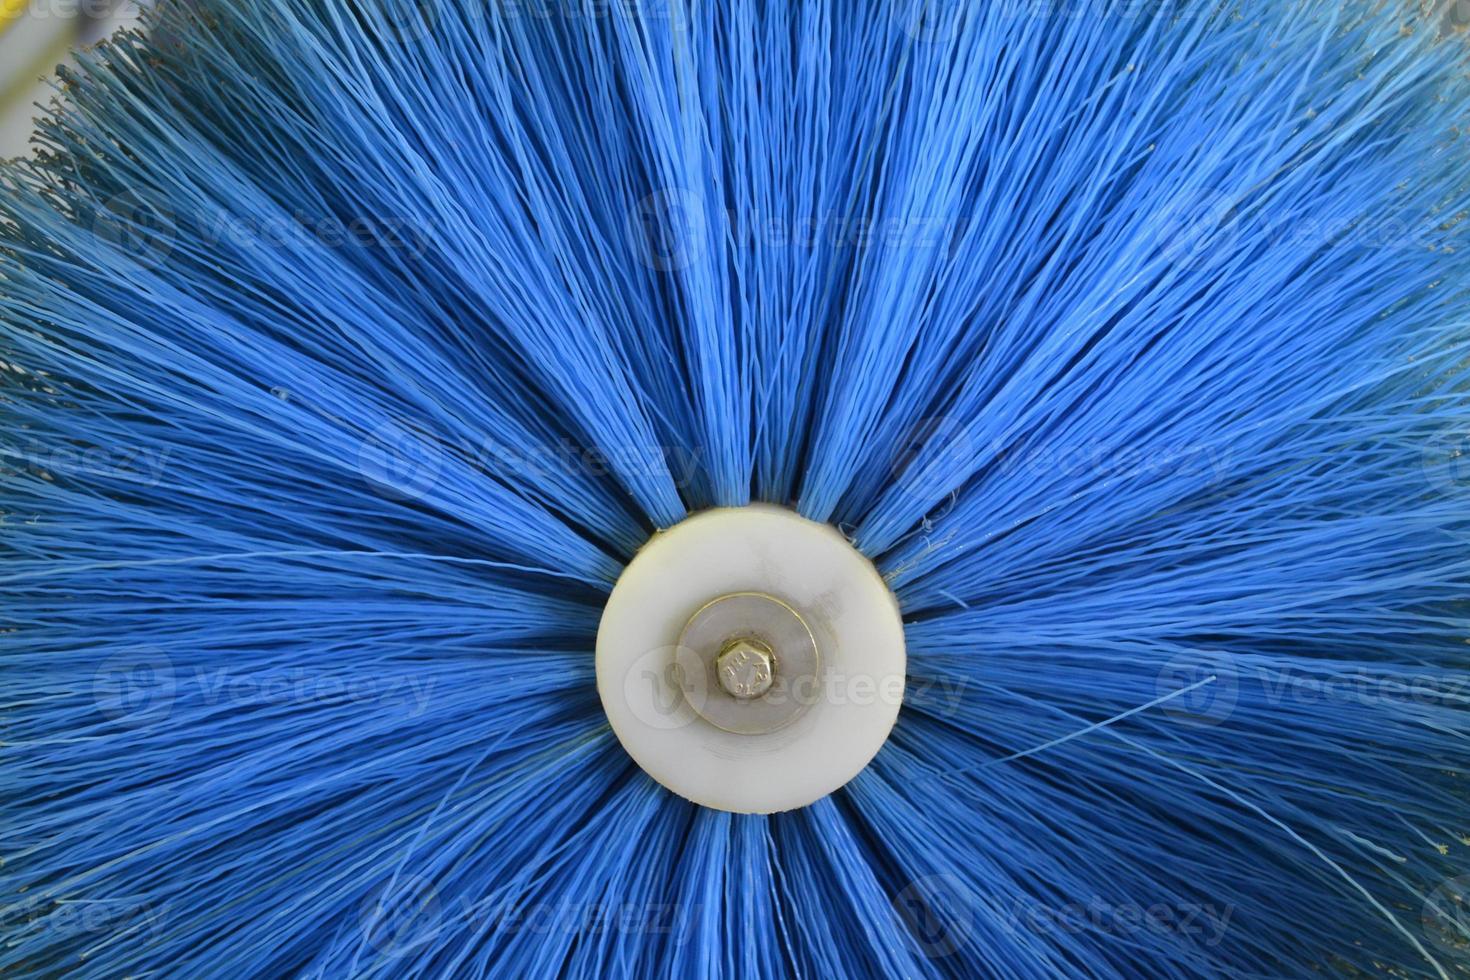 industrielle kreisförmige Reinigungsbürste foto